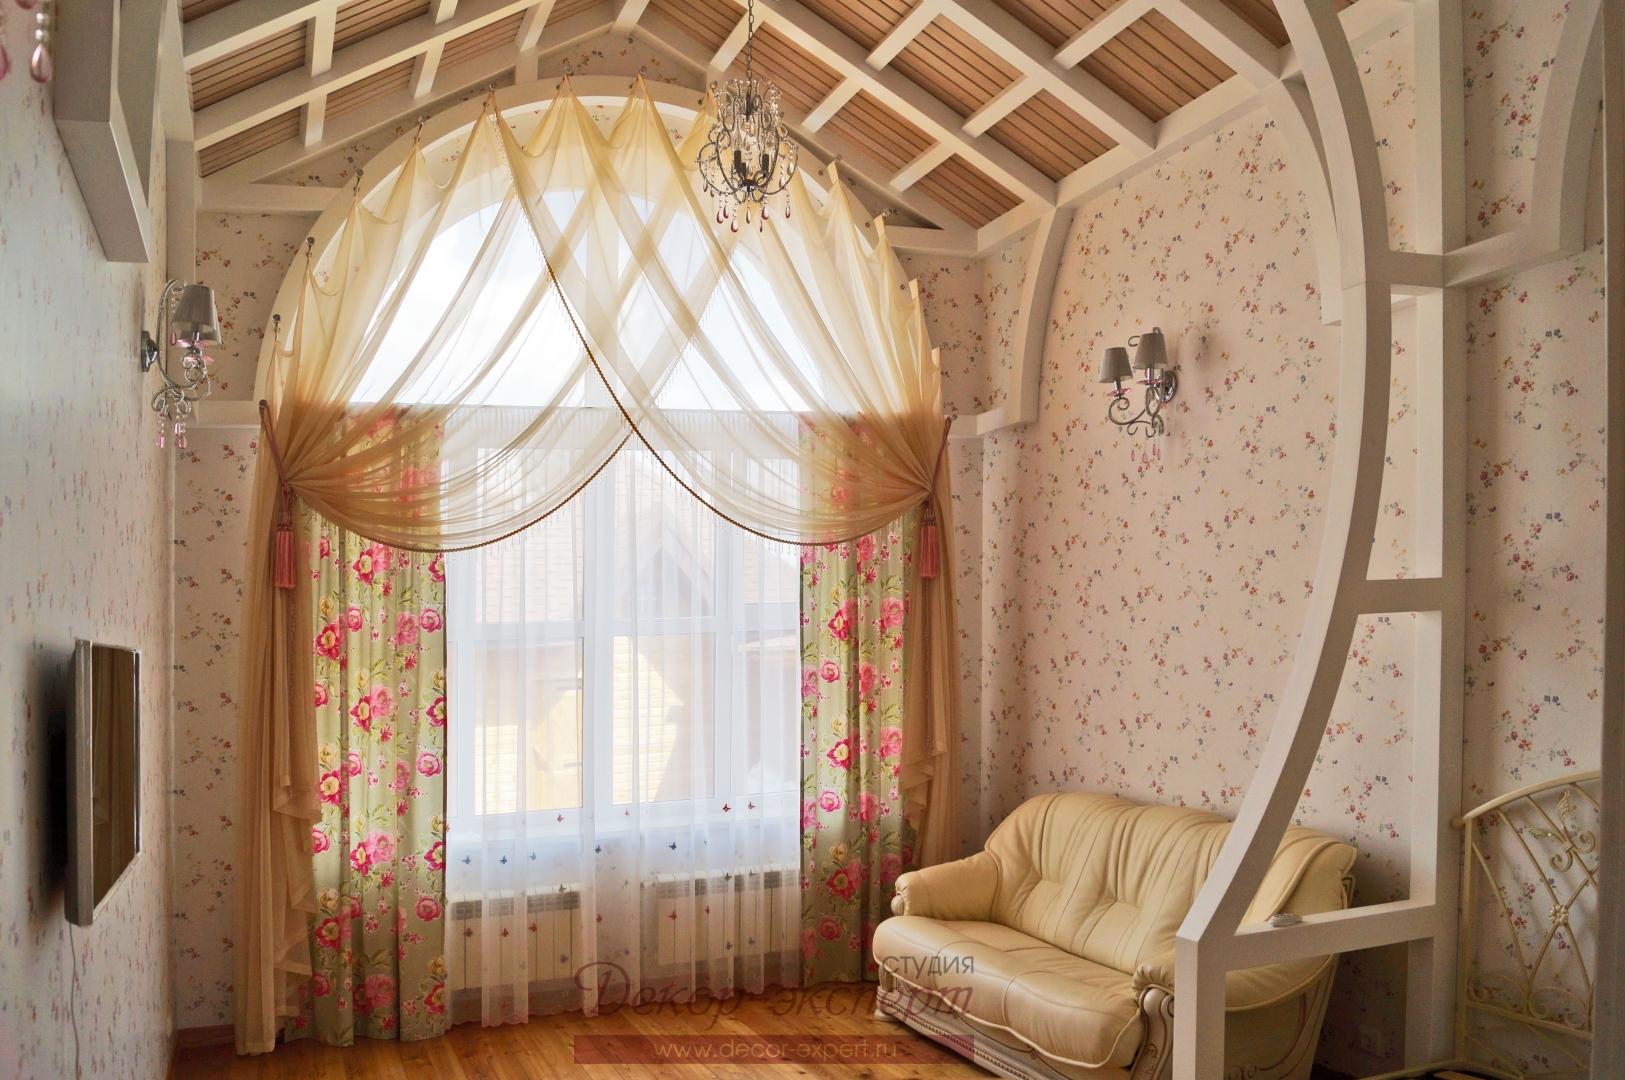 Шторы в стиле Прованс для арочного окна в комнату девочки. Общий вид.